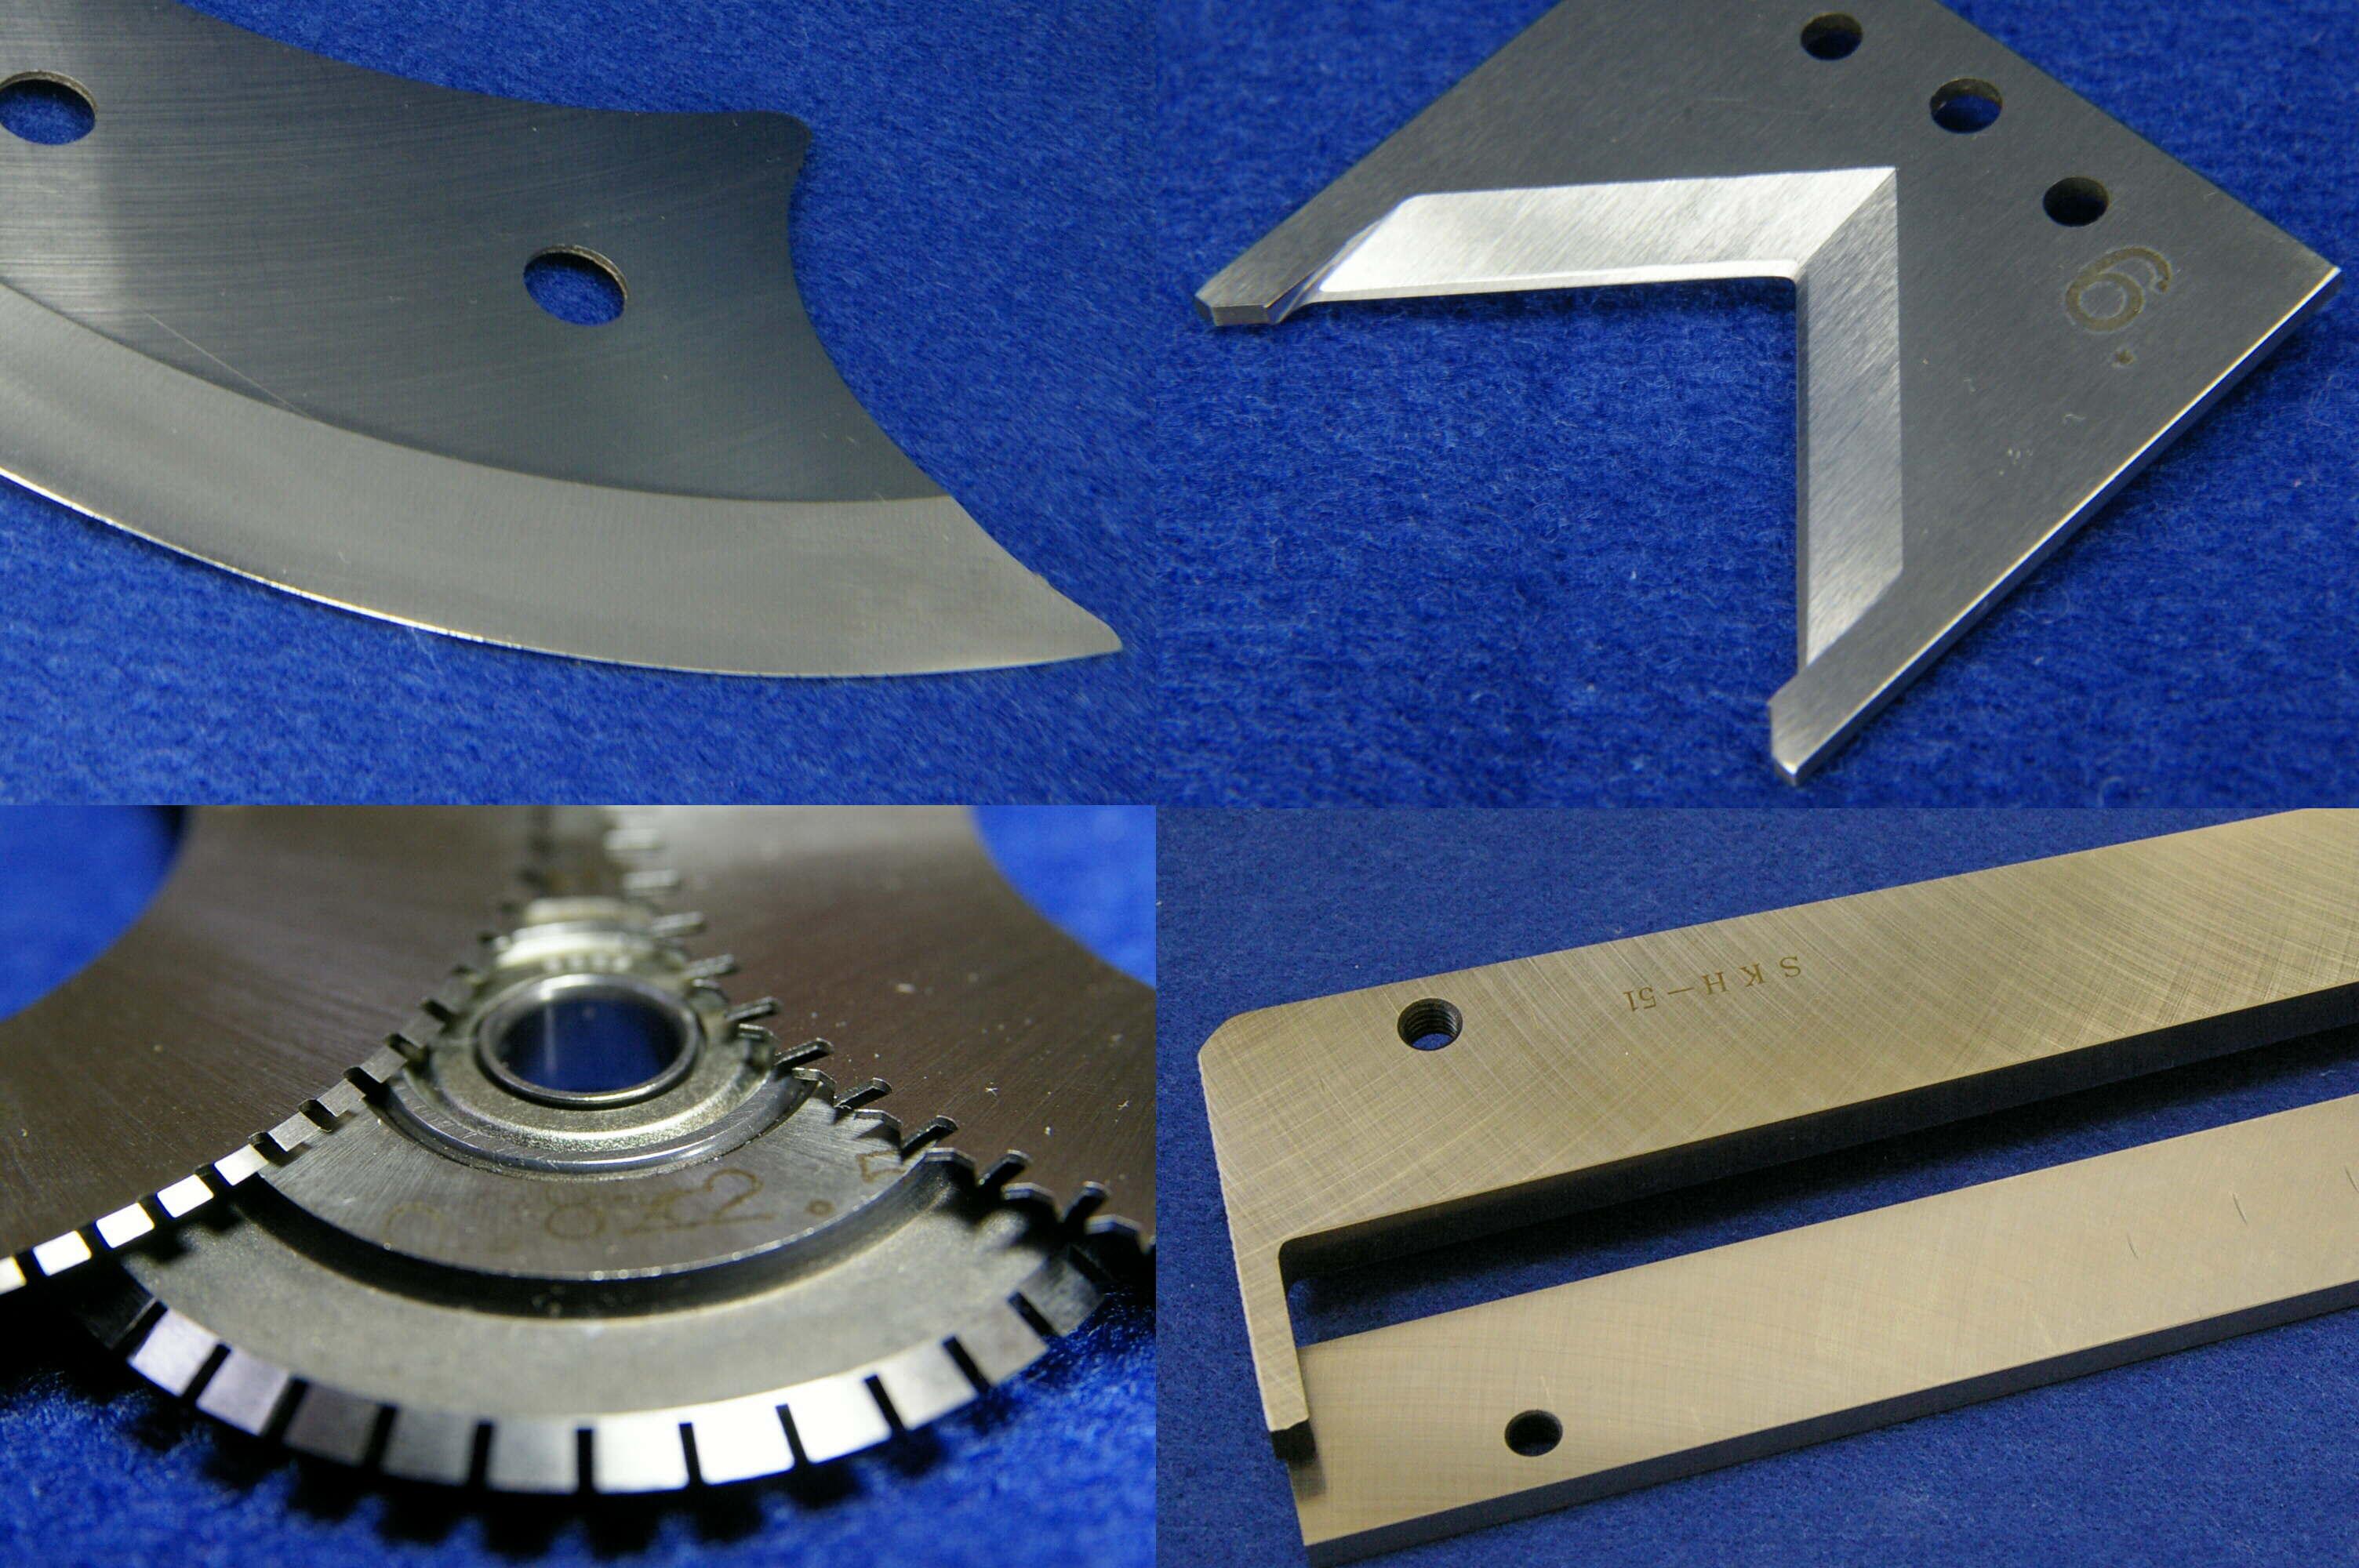 工業用機械刃物